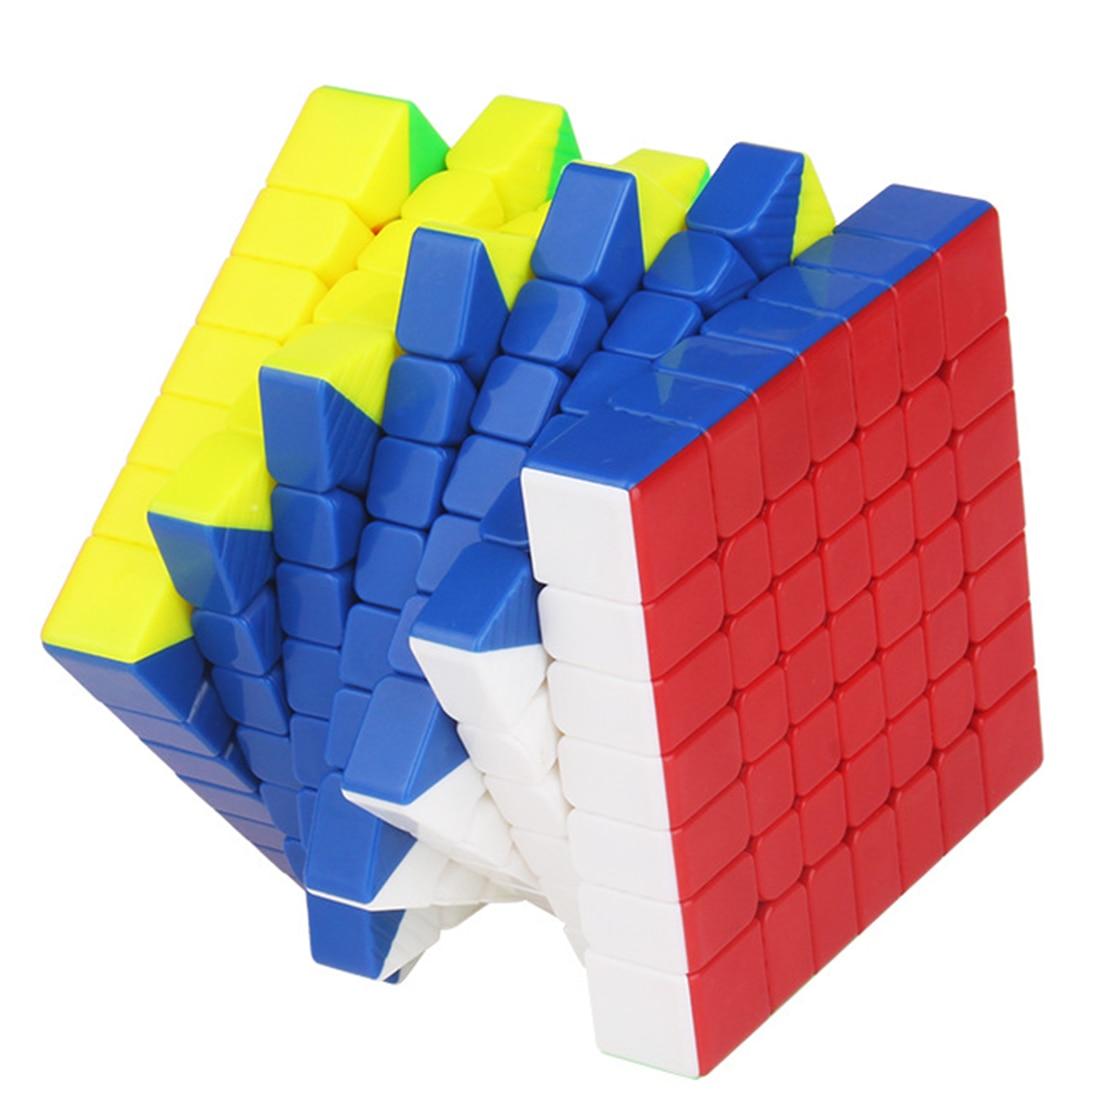 Yuxin Haisi 7x7 Magnétique Version Magic Cube jouets éducatifs Pour La Formation Du Cerveau-Coloré